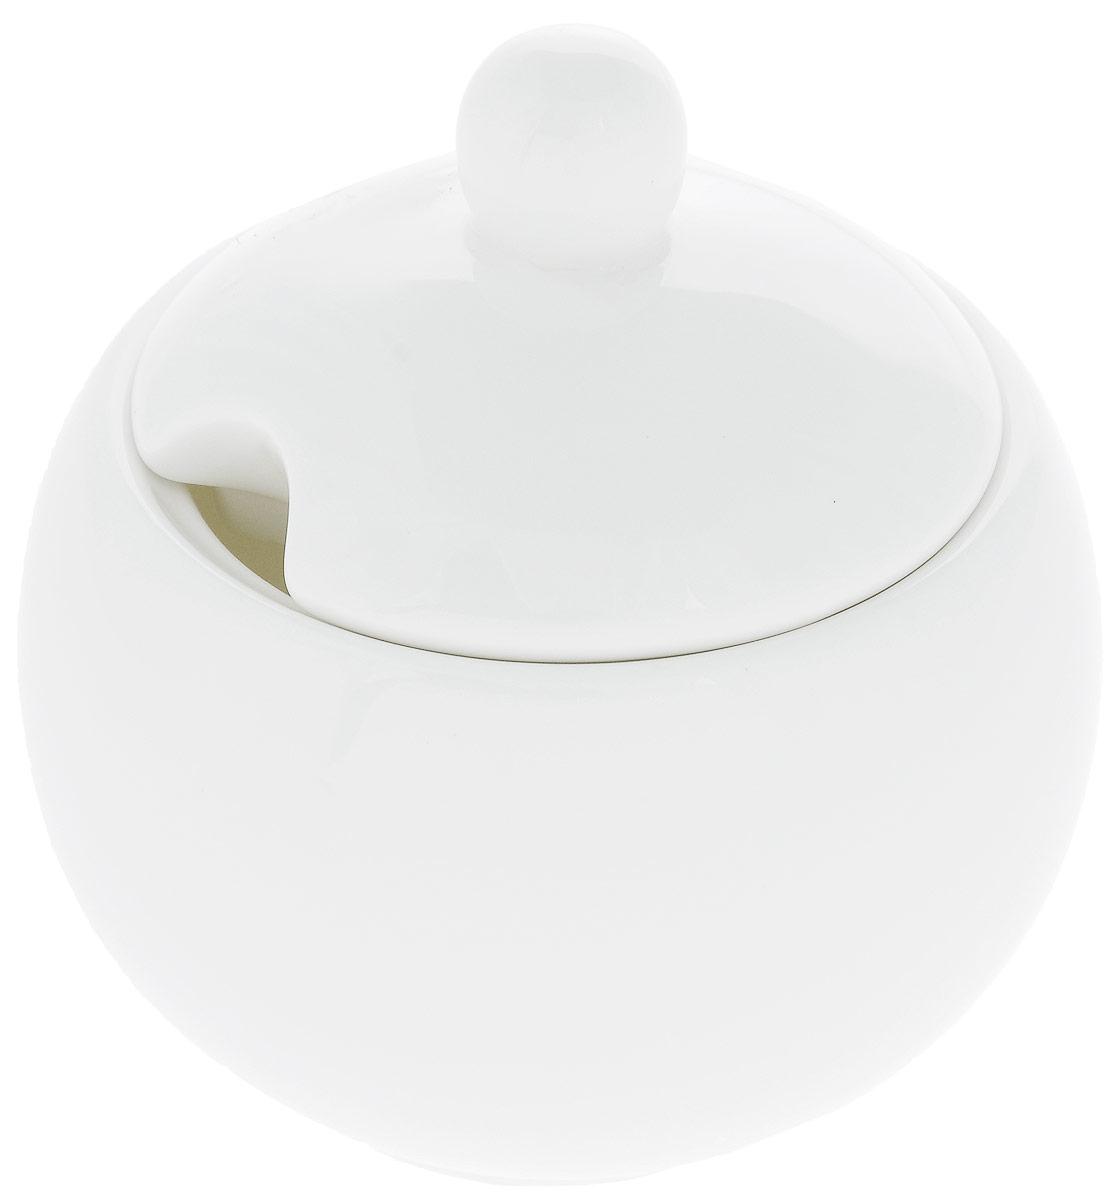 Сахарница Wilmax, 325 млWL-995001 / 1CСахарница Wilmax выполнена из высококачественного фарфора с глазурованным покрытием. Изделие имеет элегантную форму и может использоваться в качестве креманки. Десерт, поданный в такой посуде, будет ещё более сладким. Сахарница Wilmax станет отличным дополнением к сервировке семейного стола и замечательным подарком для ваших родных и друзей. Можно мыть в посудомоечной машине и использовать в микроволновой печи. Диаметр (по верхнему краю): 8 см. Высота (без учета крышки): 7 см.